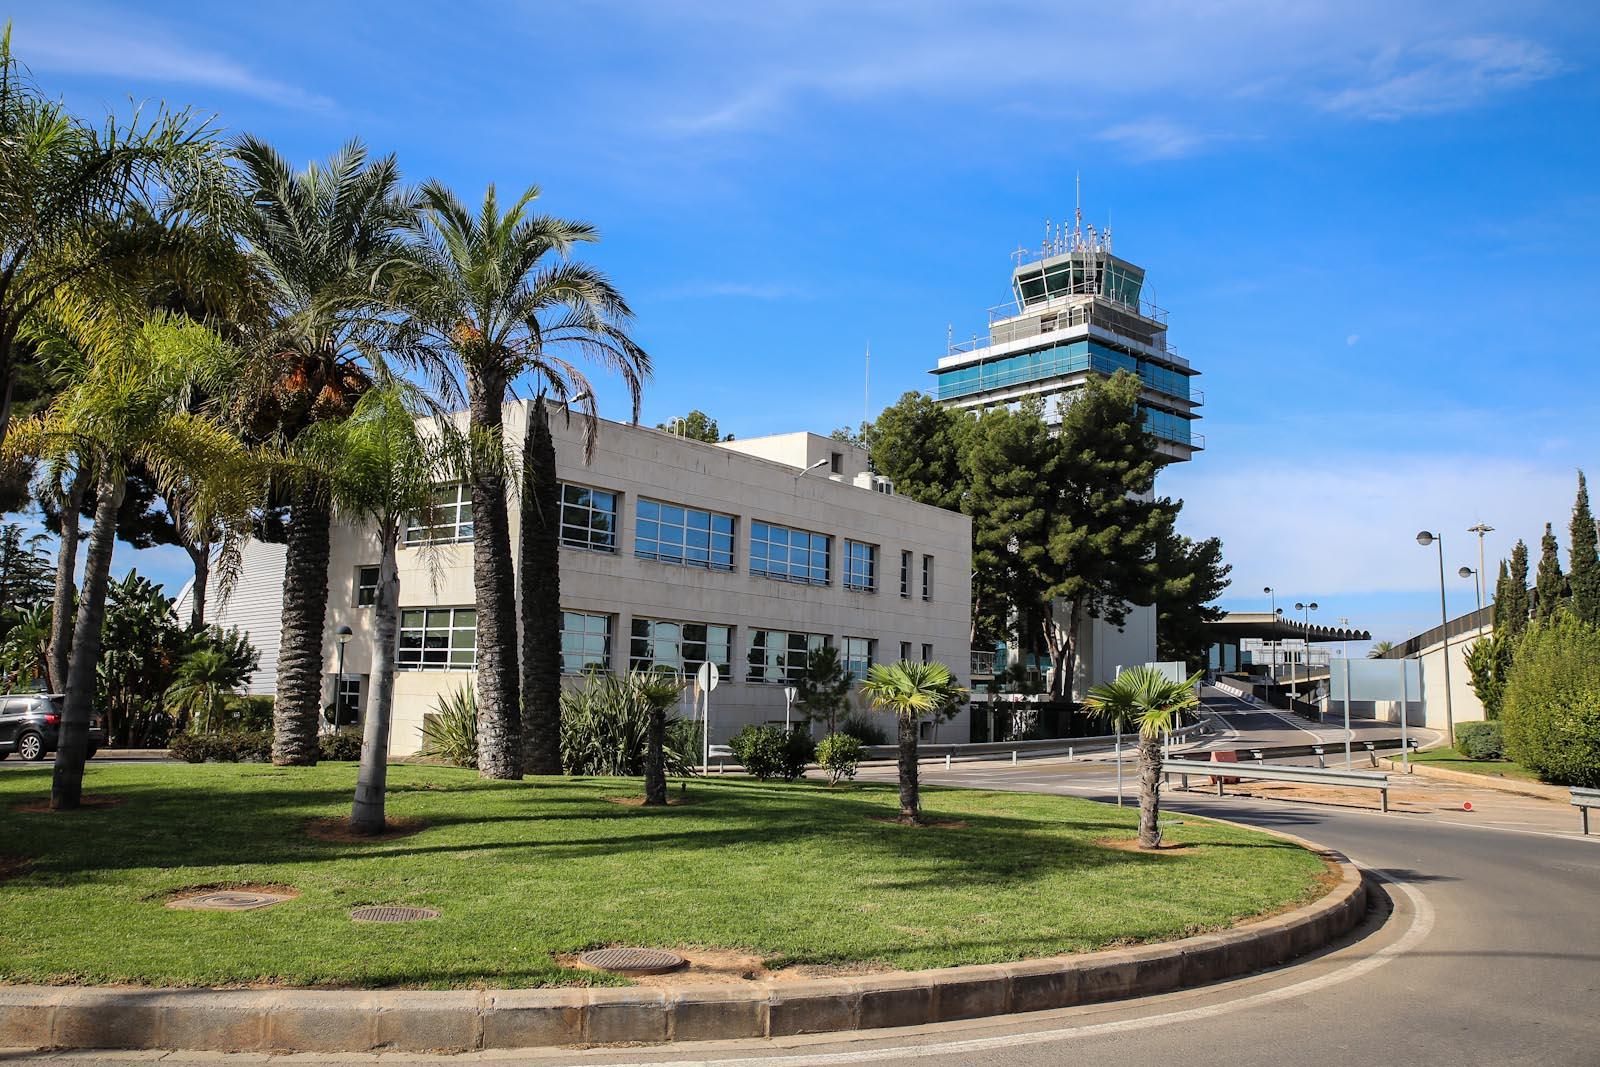 Диспетчерская башня и административное здание аэропорта Валенсия